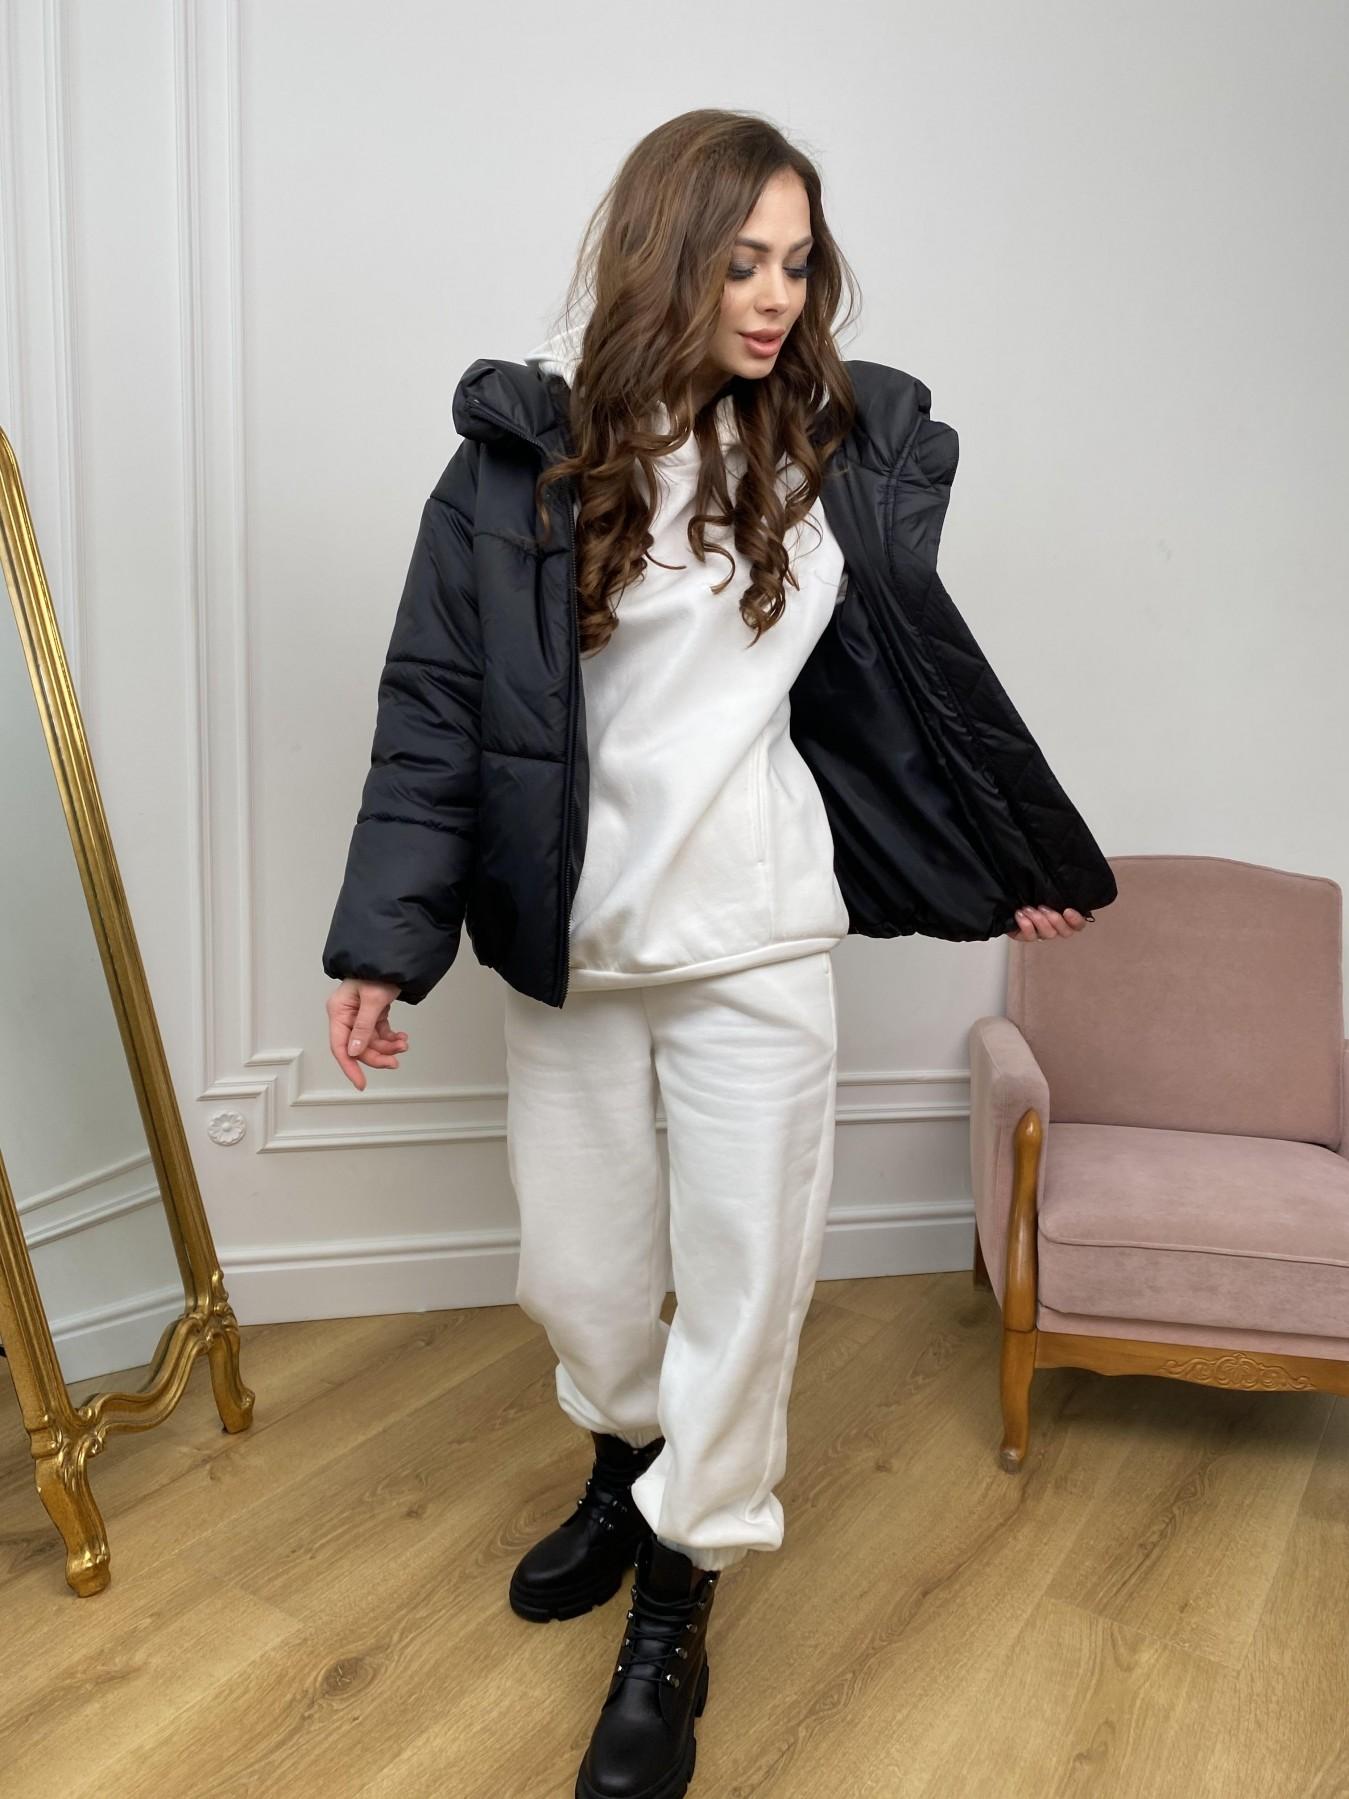 Нокс куртка из плащевой ткани 10535 АРТ. 46975 Цвет: Черный - фото 5, интернет магазин tm-modus.ru